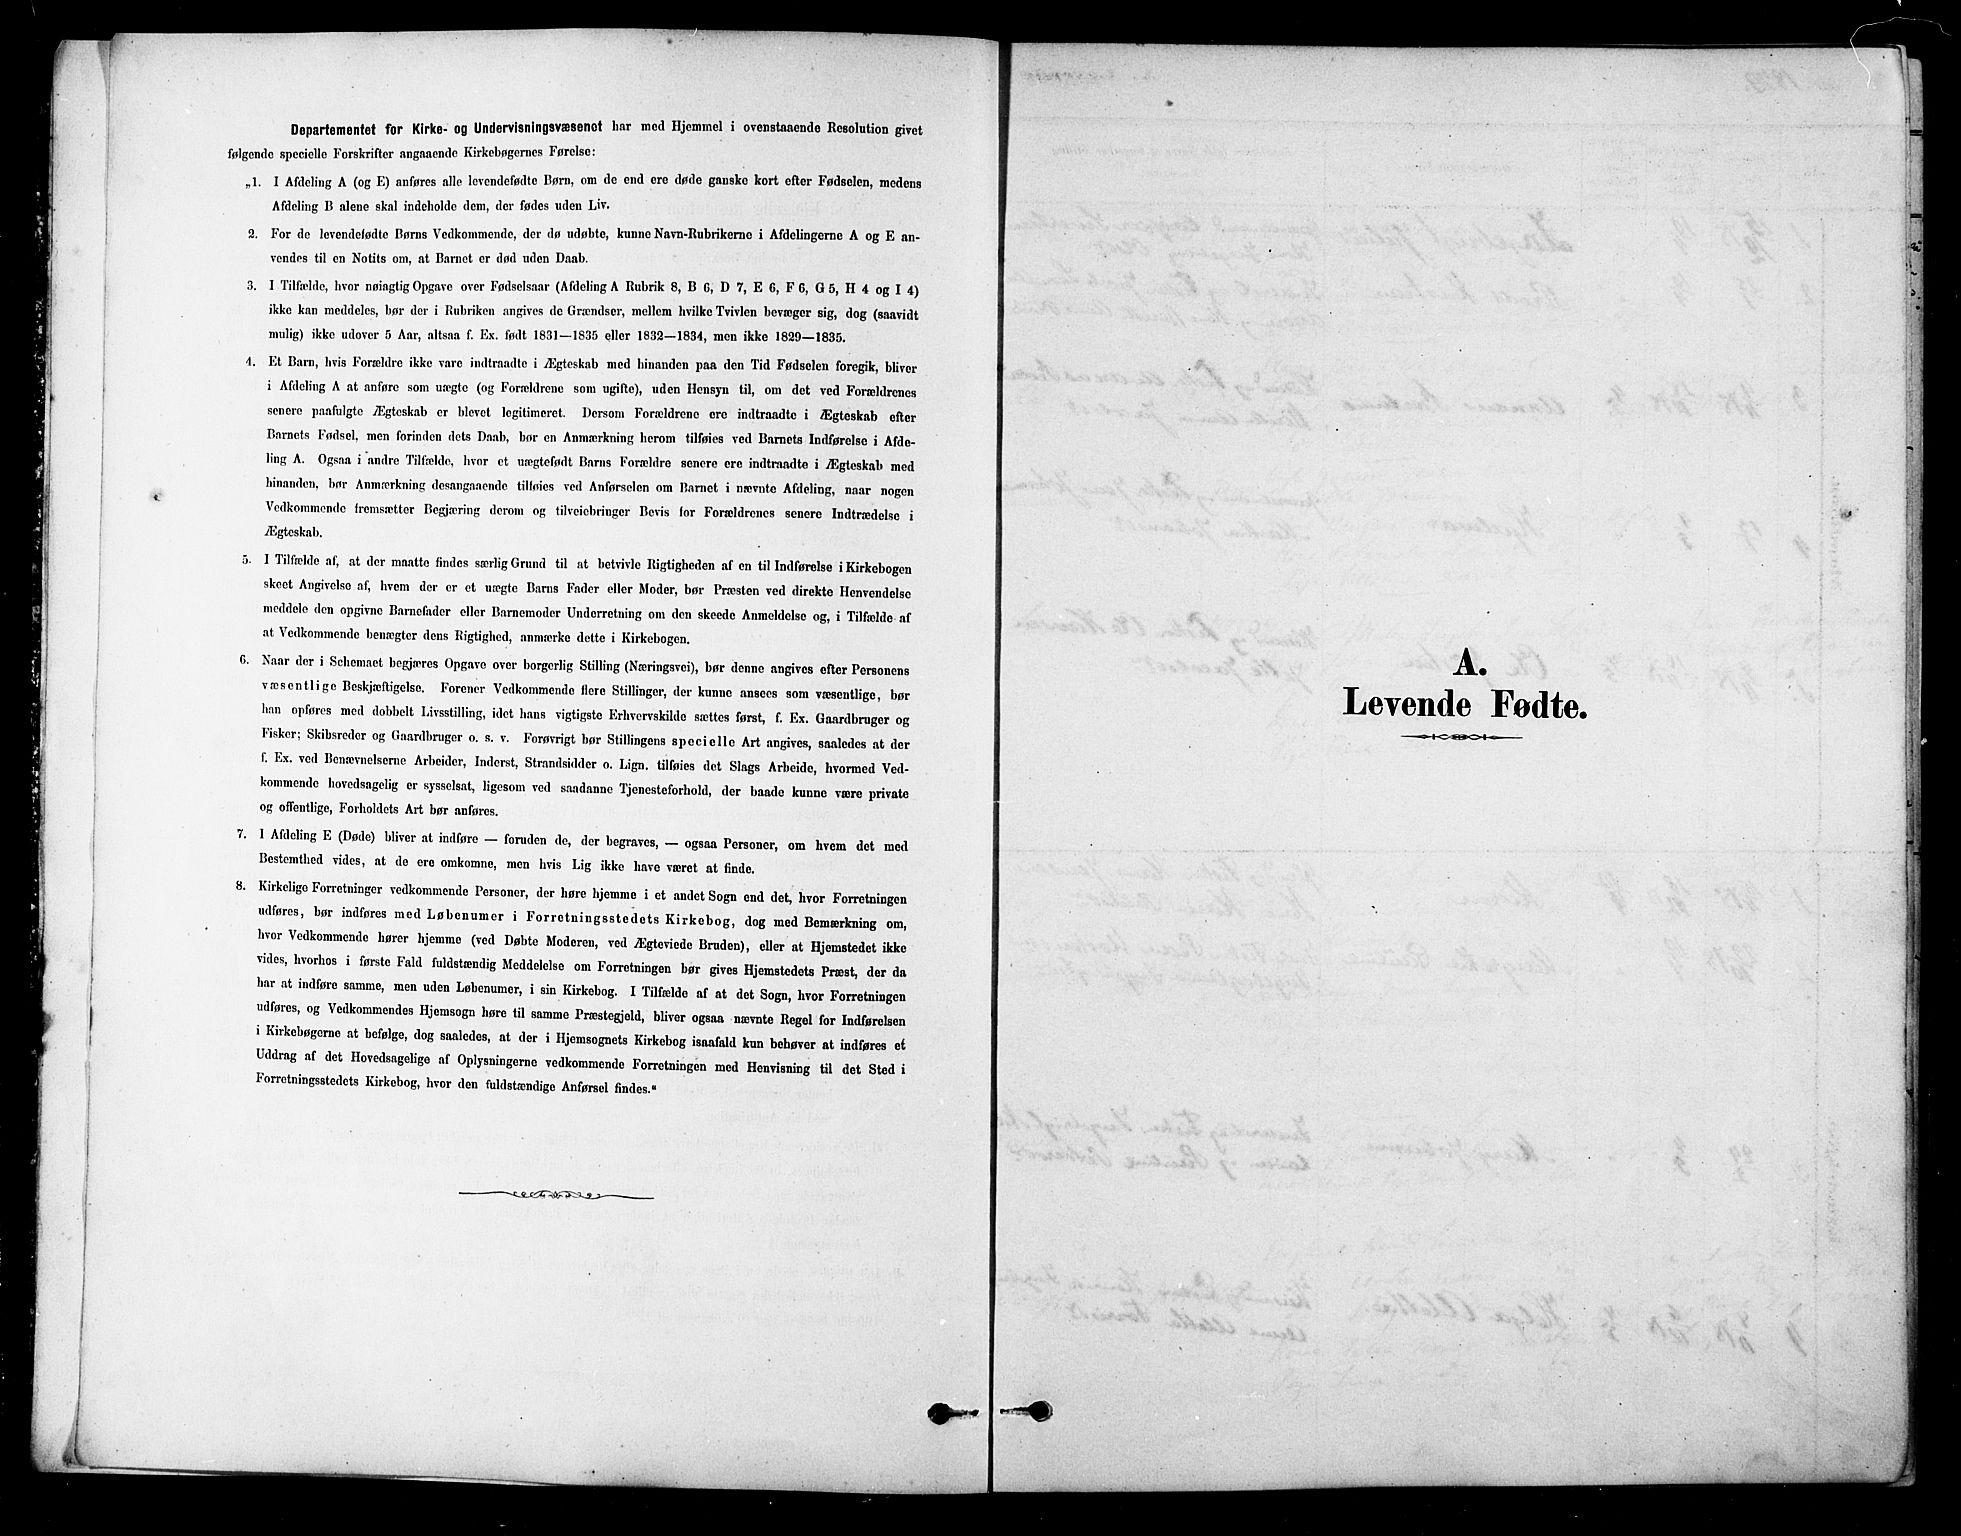 SAT, Ministerialprotokoller, klokkerbøker og fødselsregistre - Sør-Trøndelag, 658/L0722: Ministerialbok nr. 658A01, 1879-1896